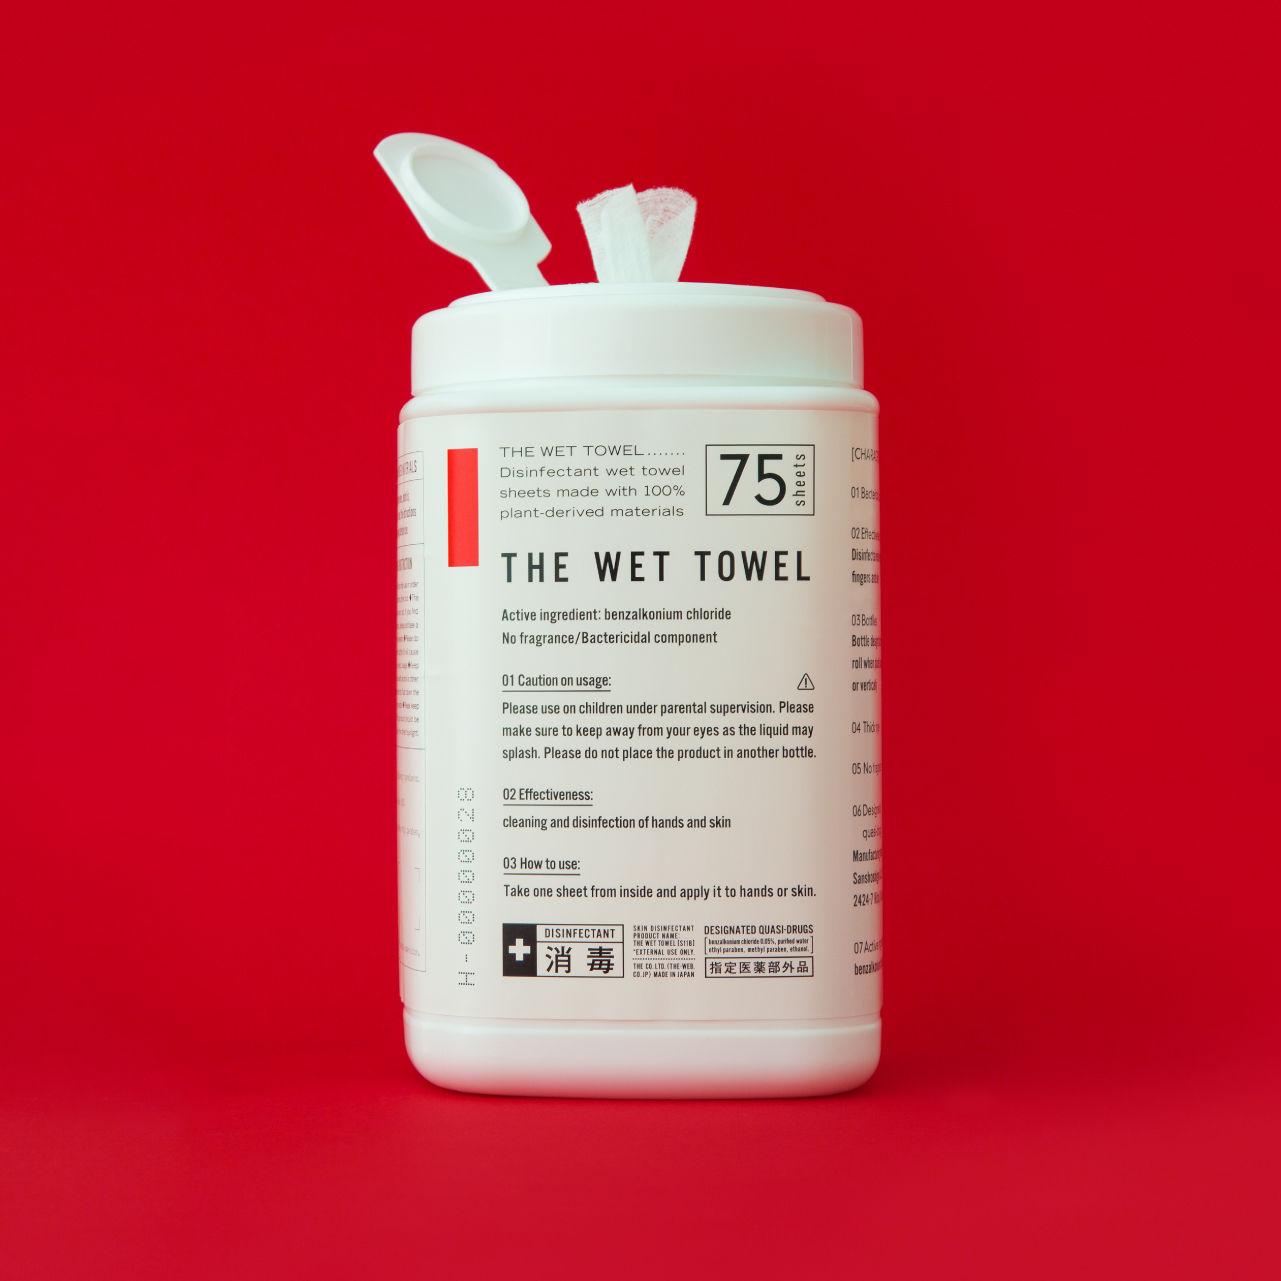 THE,ウェットタオル,消毒のできる,WETTOWEL